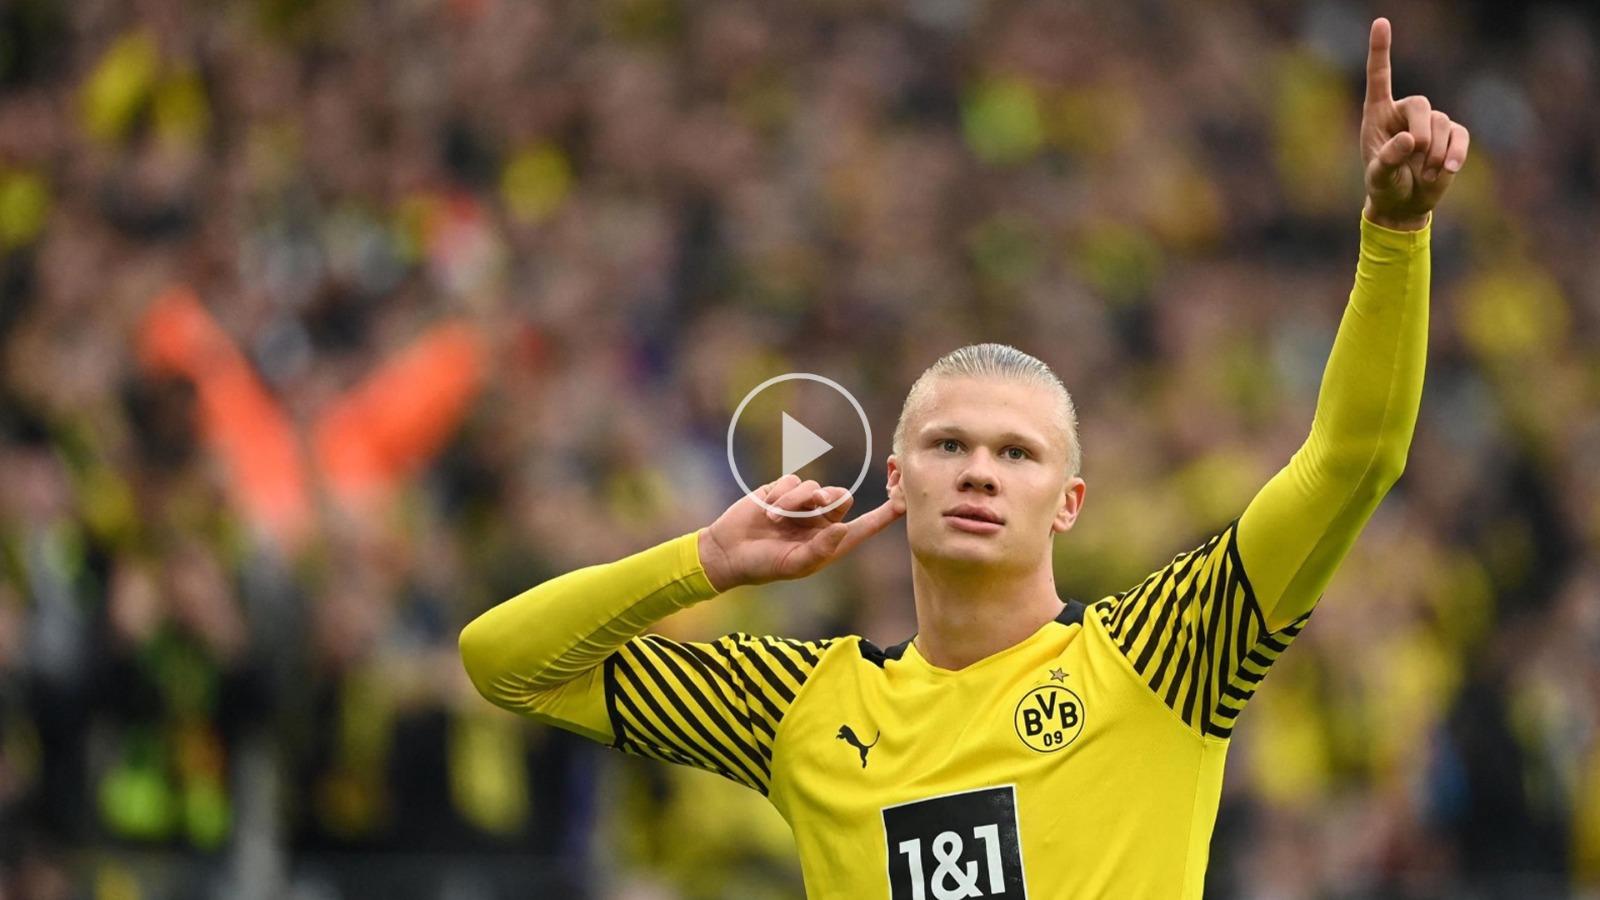 بالفيديو...أهداف الدفعة الأولى من الأسبوع الثامن من الدوري الألماني